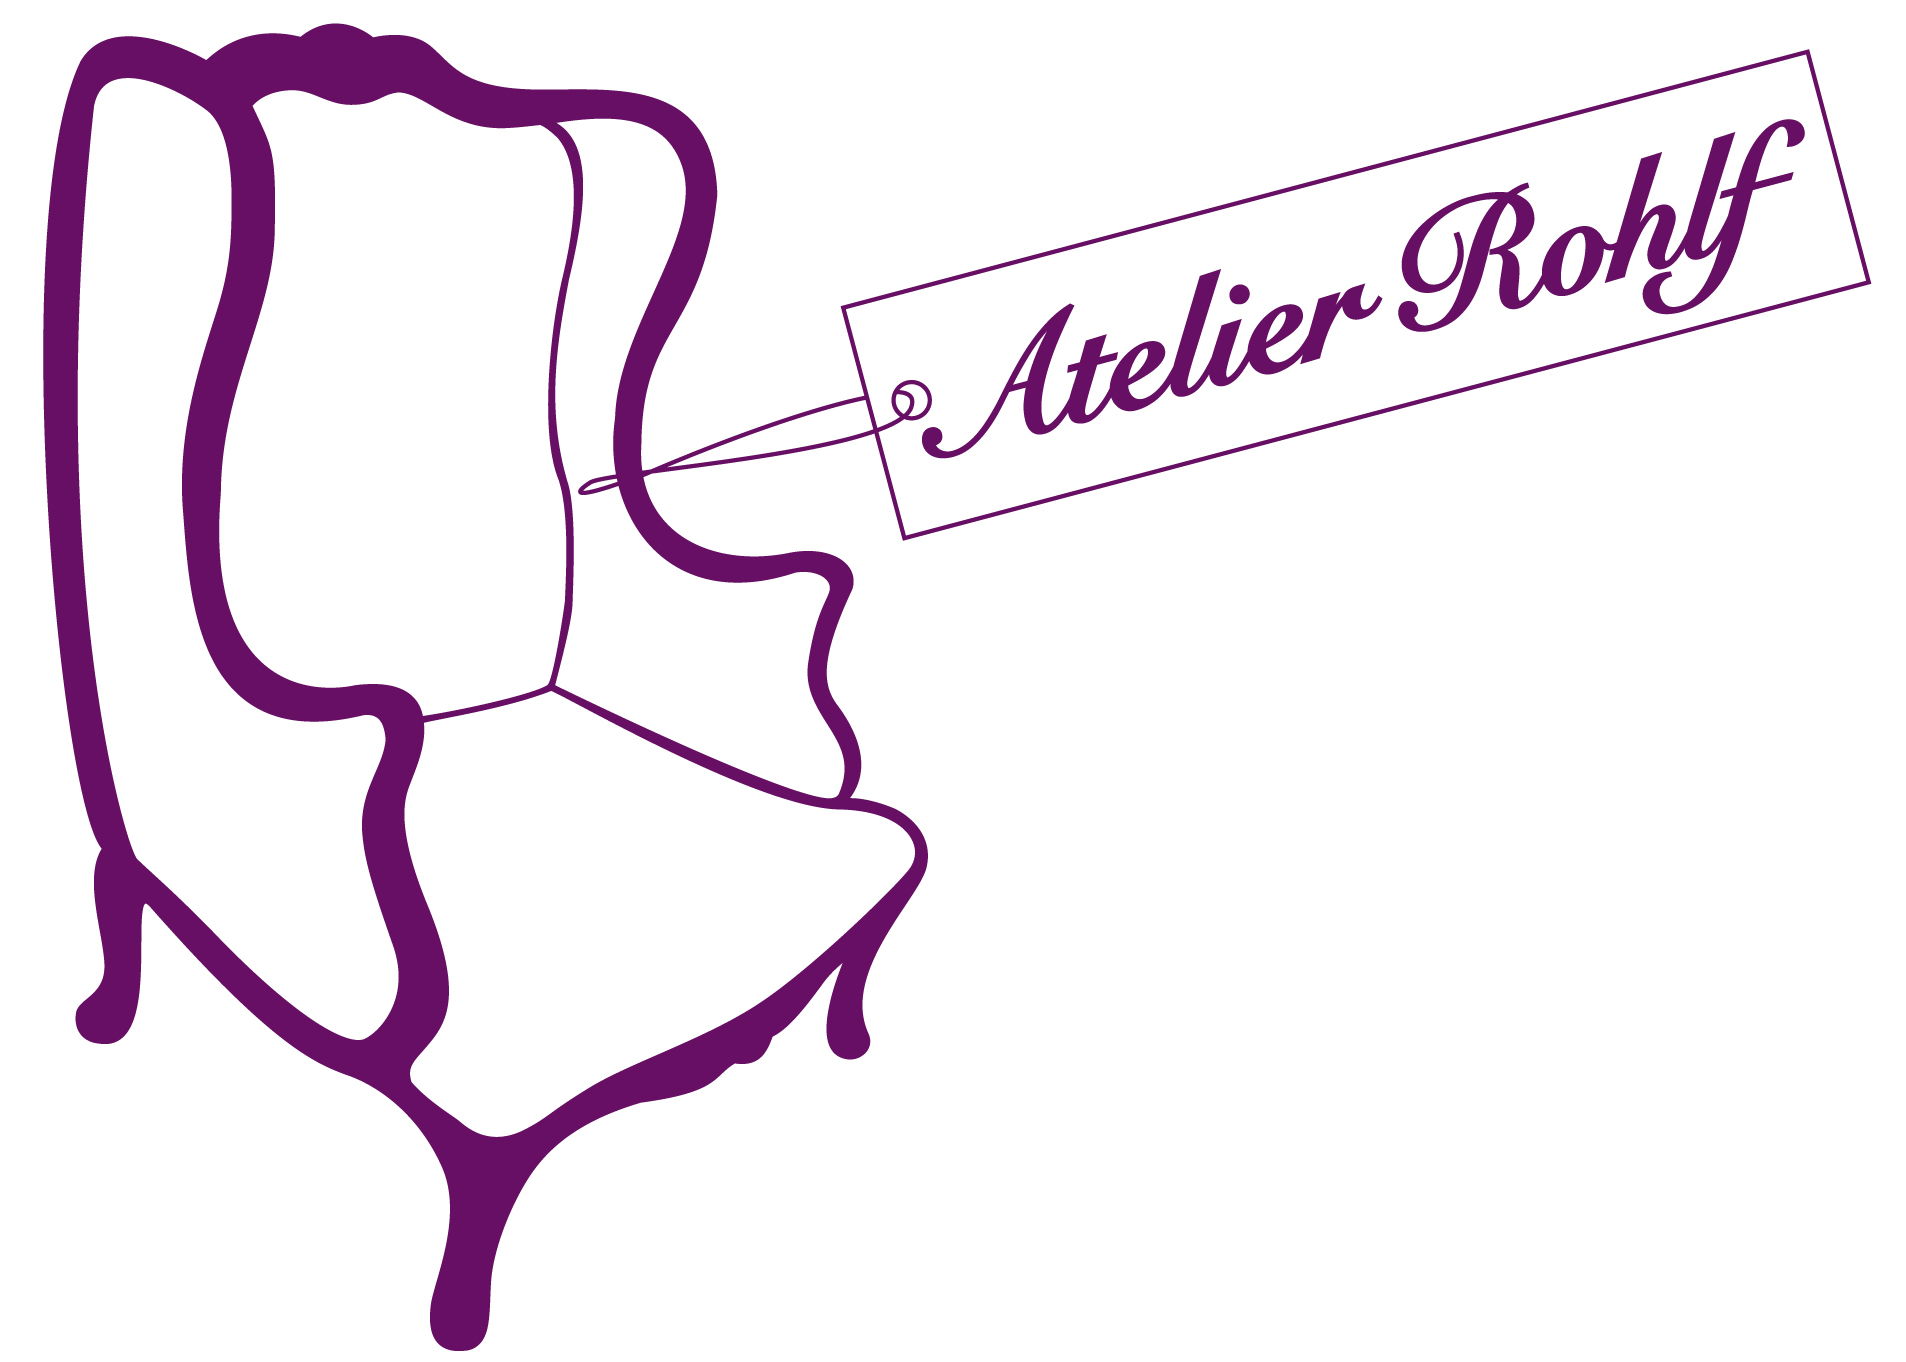 Atelier Rohlf